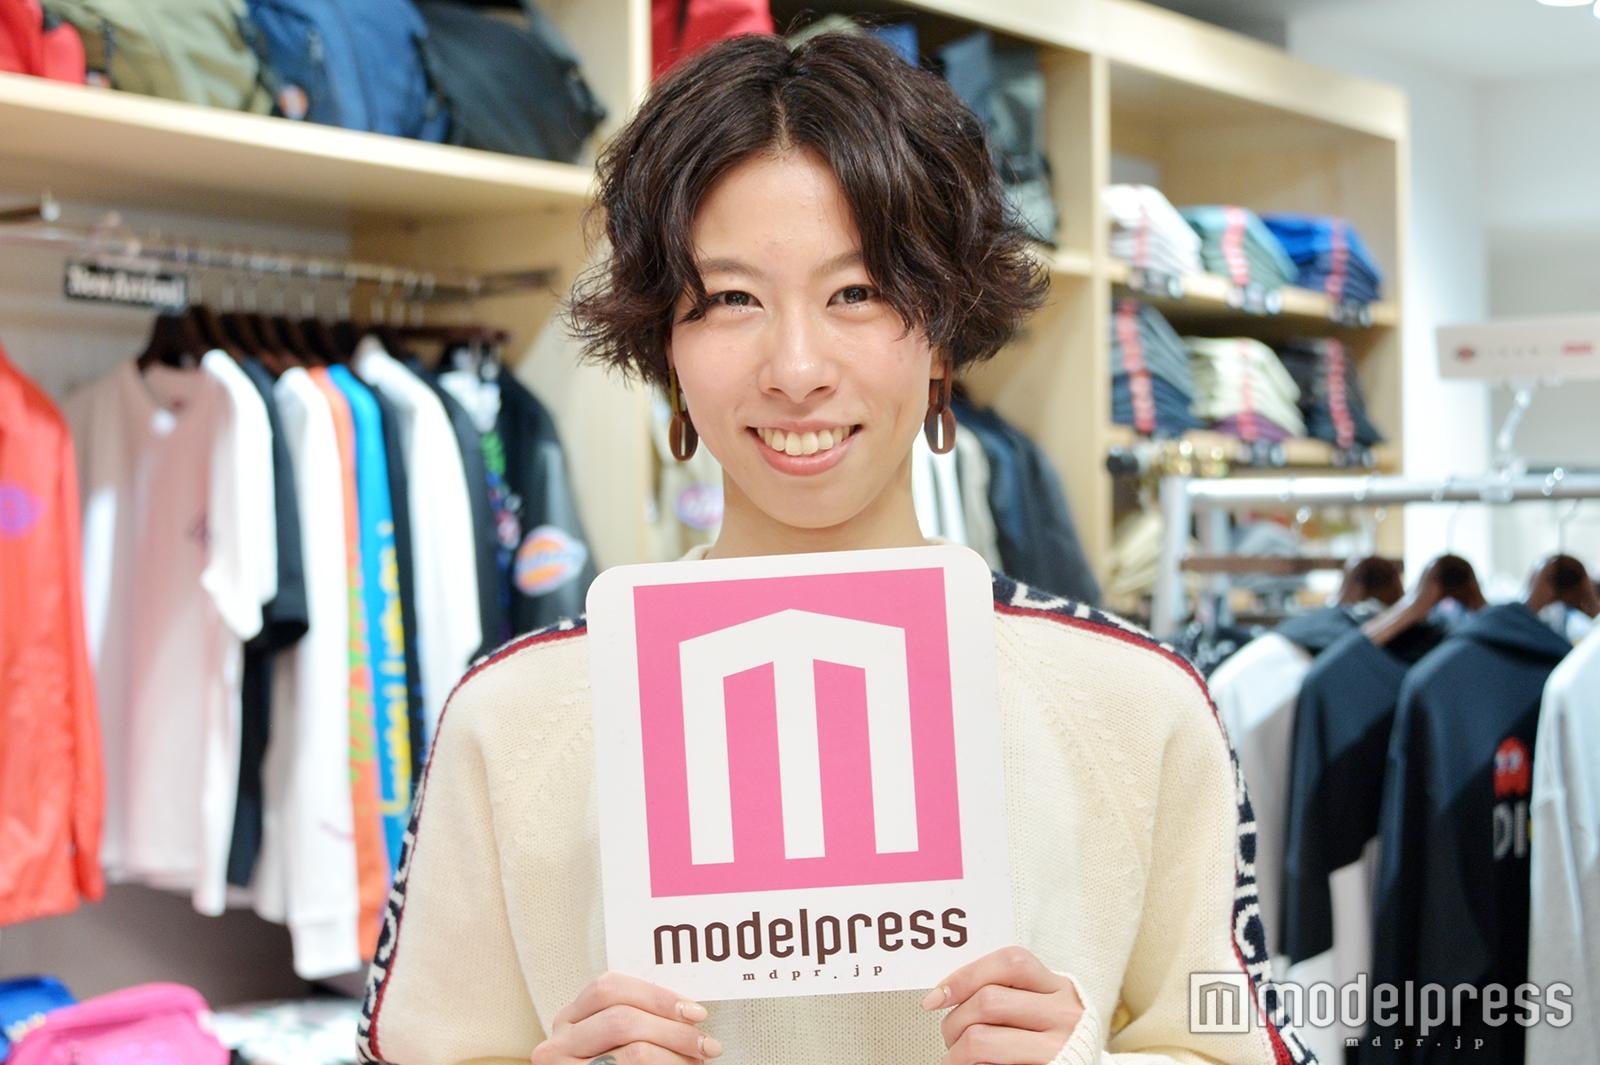 谷村千佳さん(C)モデルプレス